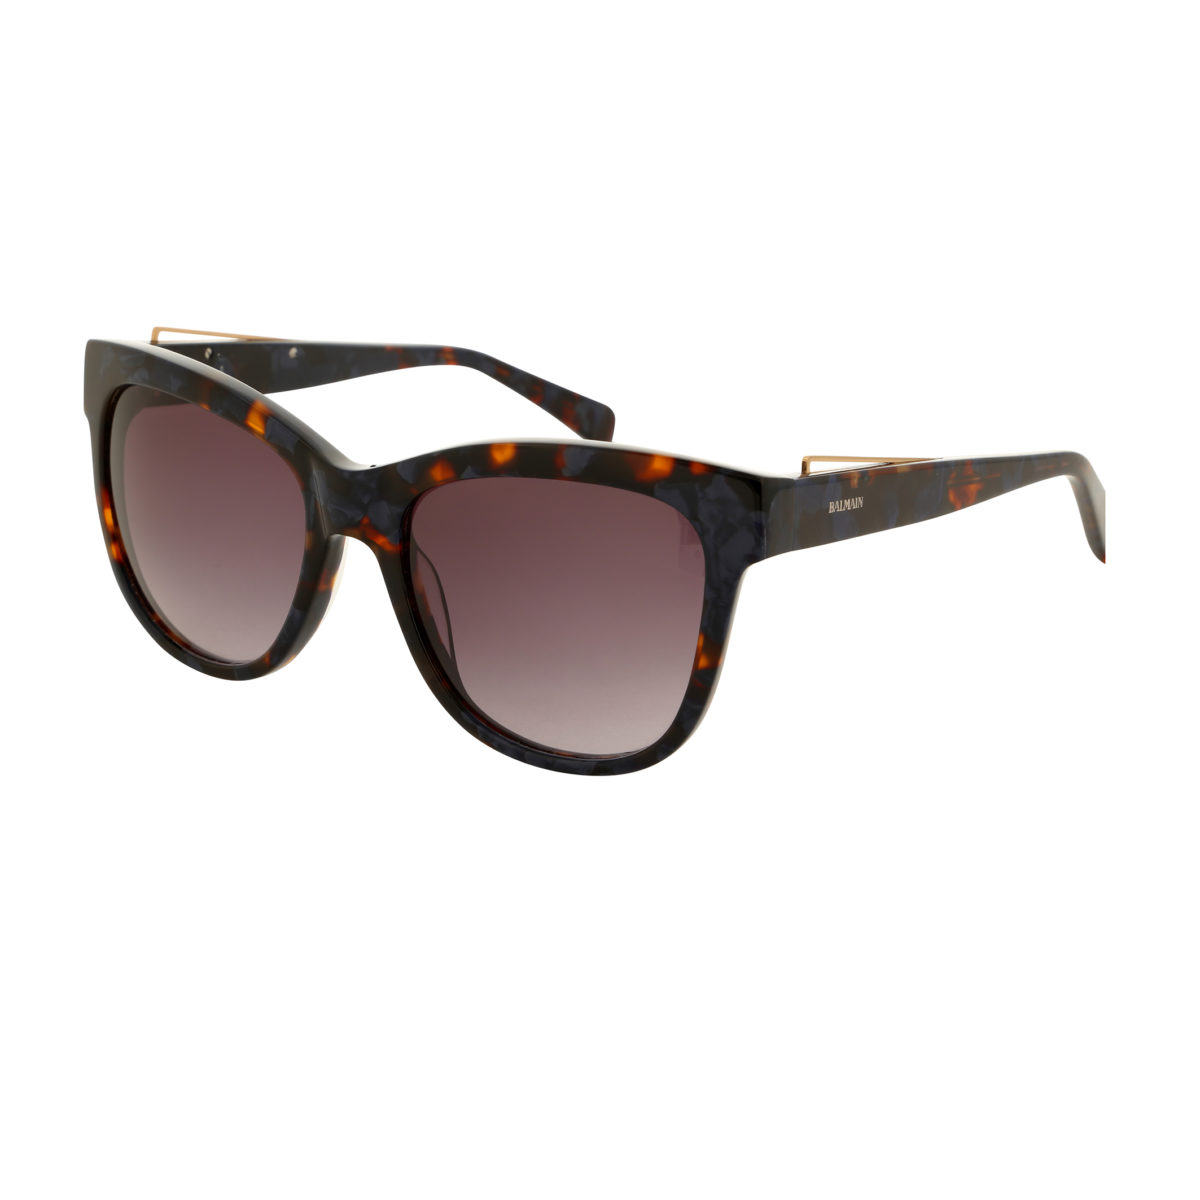 classic shoes new styles outlet on sale Balmain - Lunette de soleil couleur brun pour femme verres carrés